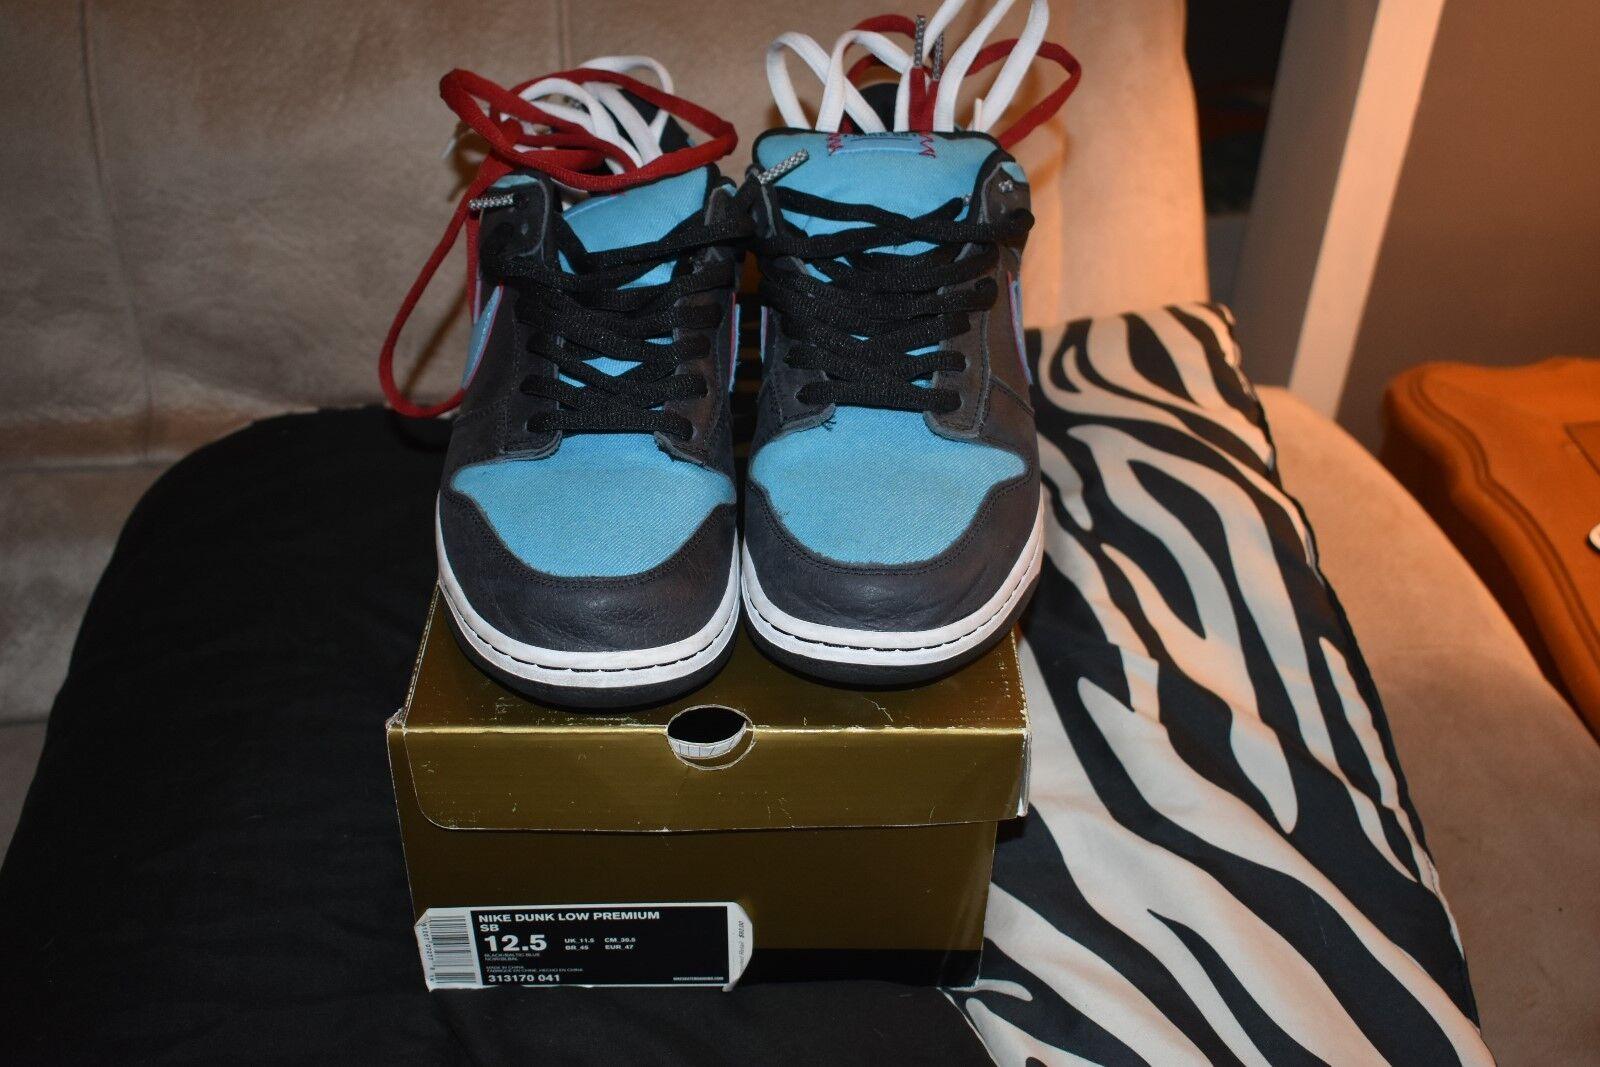 Nike dunk low premium - sb - 12,5 engel & tod 313170 041 12,5 - uns selten skunk dämonen 5fe42c